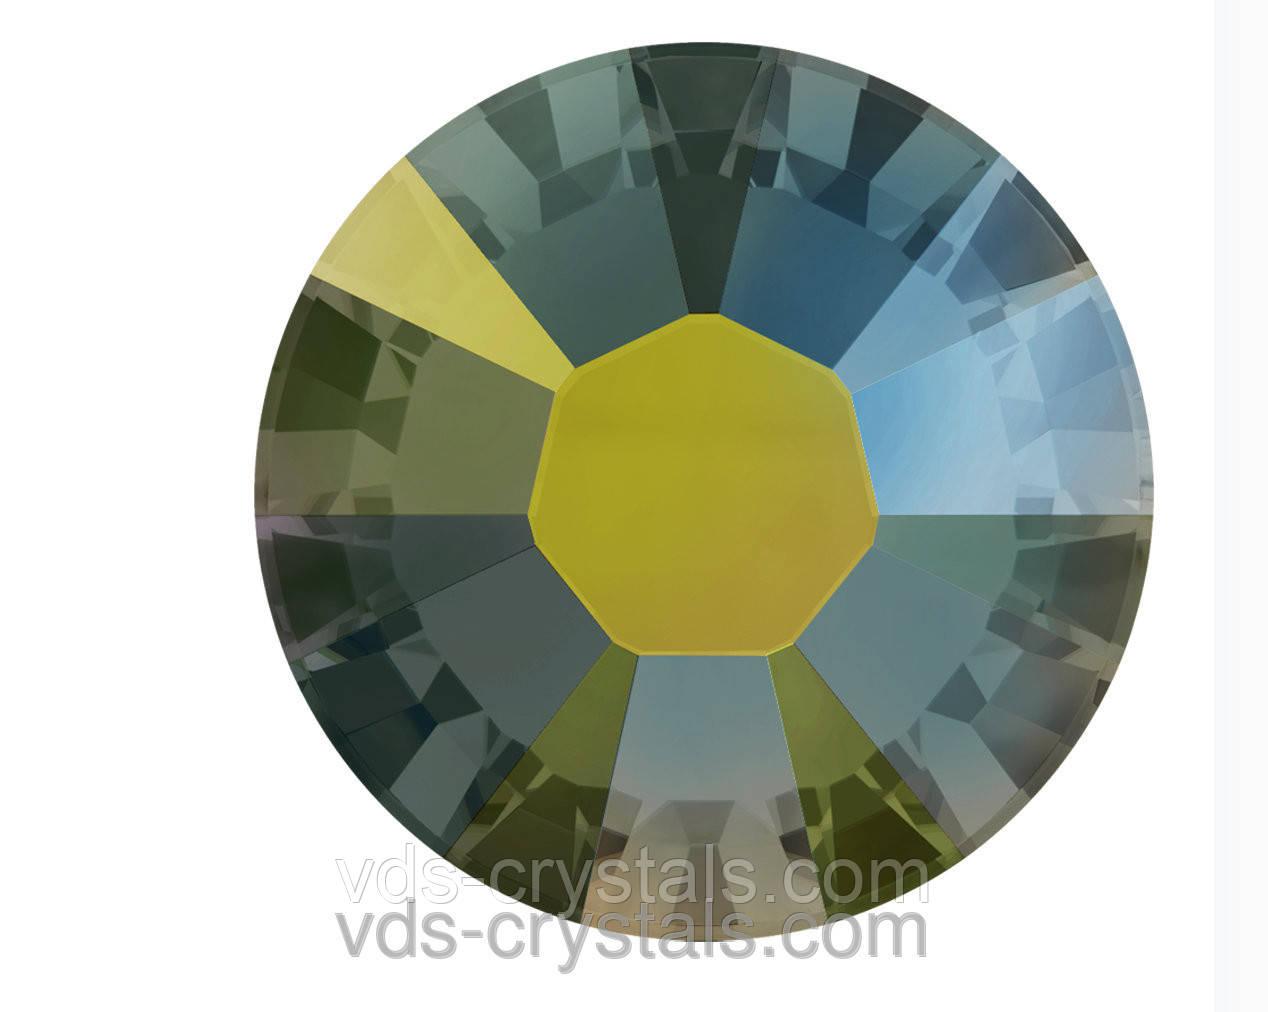 Кристаллы Сваровски клеевые горячей фиксации 2038 Crystal Iridescent Green F (001 IRIG)(упаковка 1440 шт.)